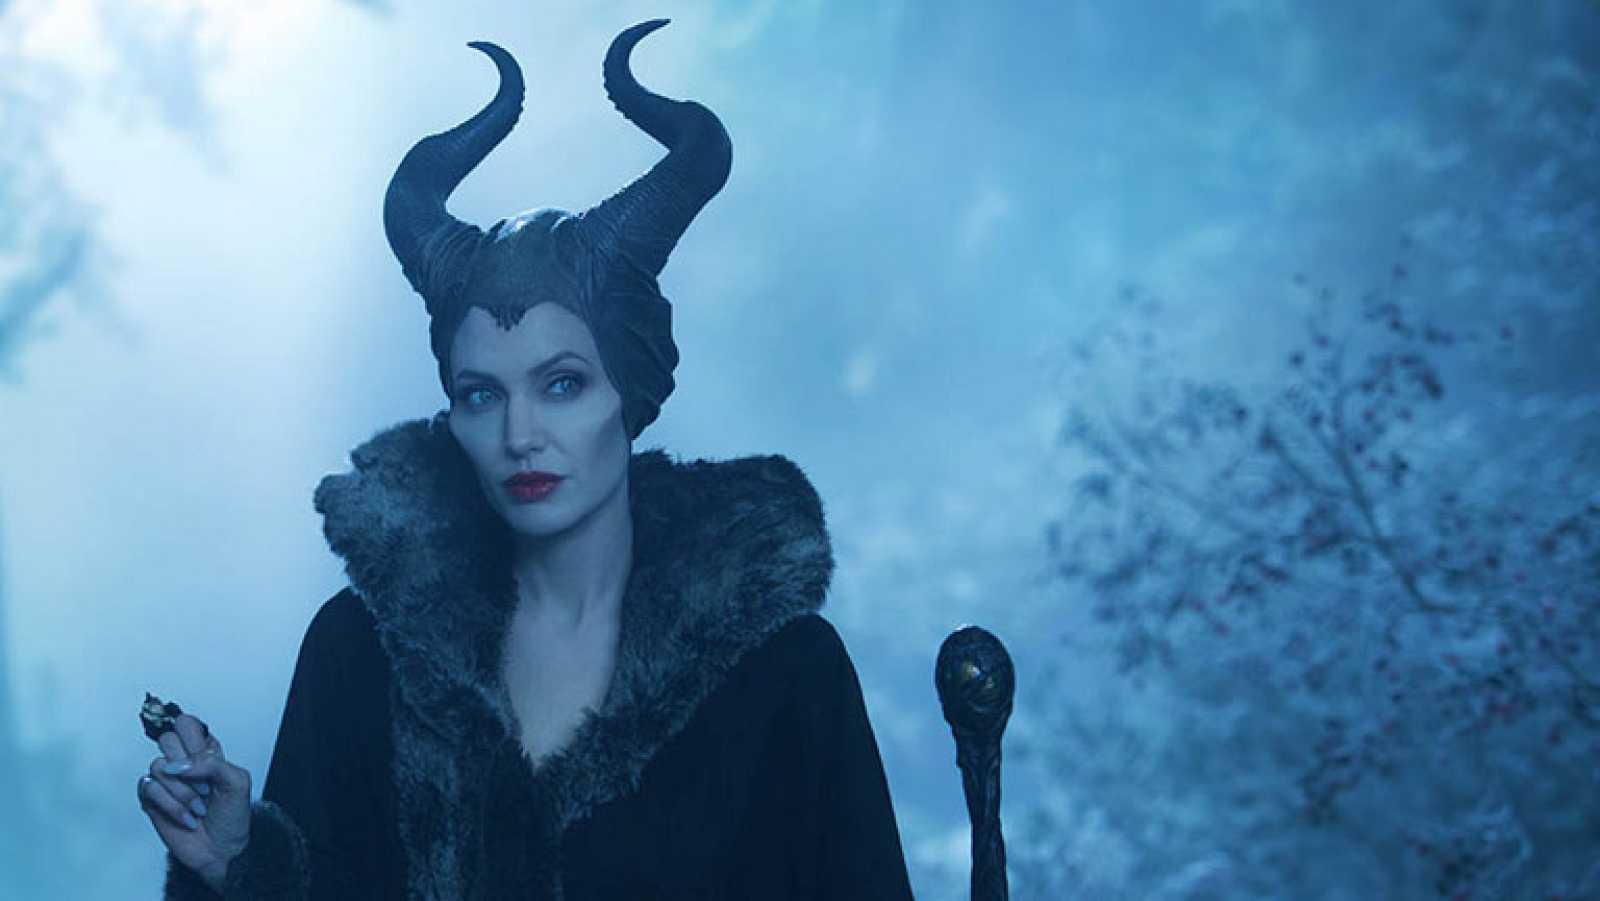 RTVE.es os ofrece una escena en primicia de 'Maléfica', protagonizada por Angelina Jolie